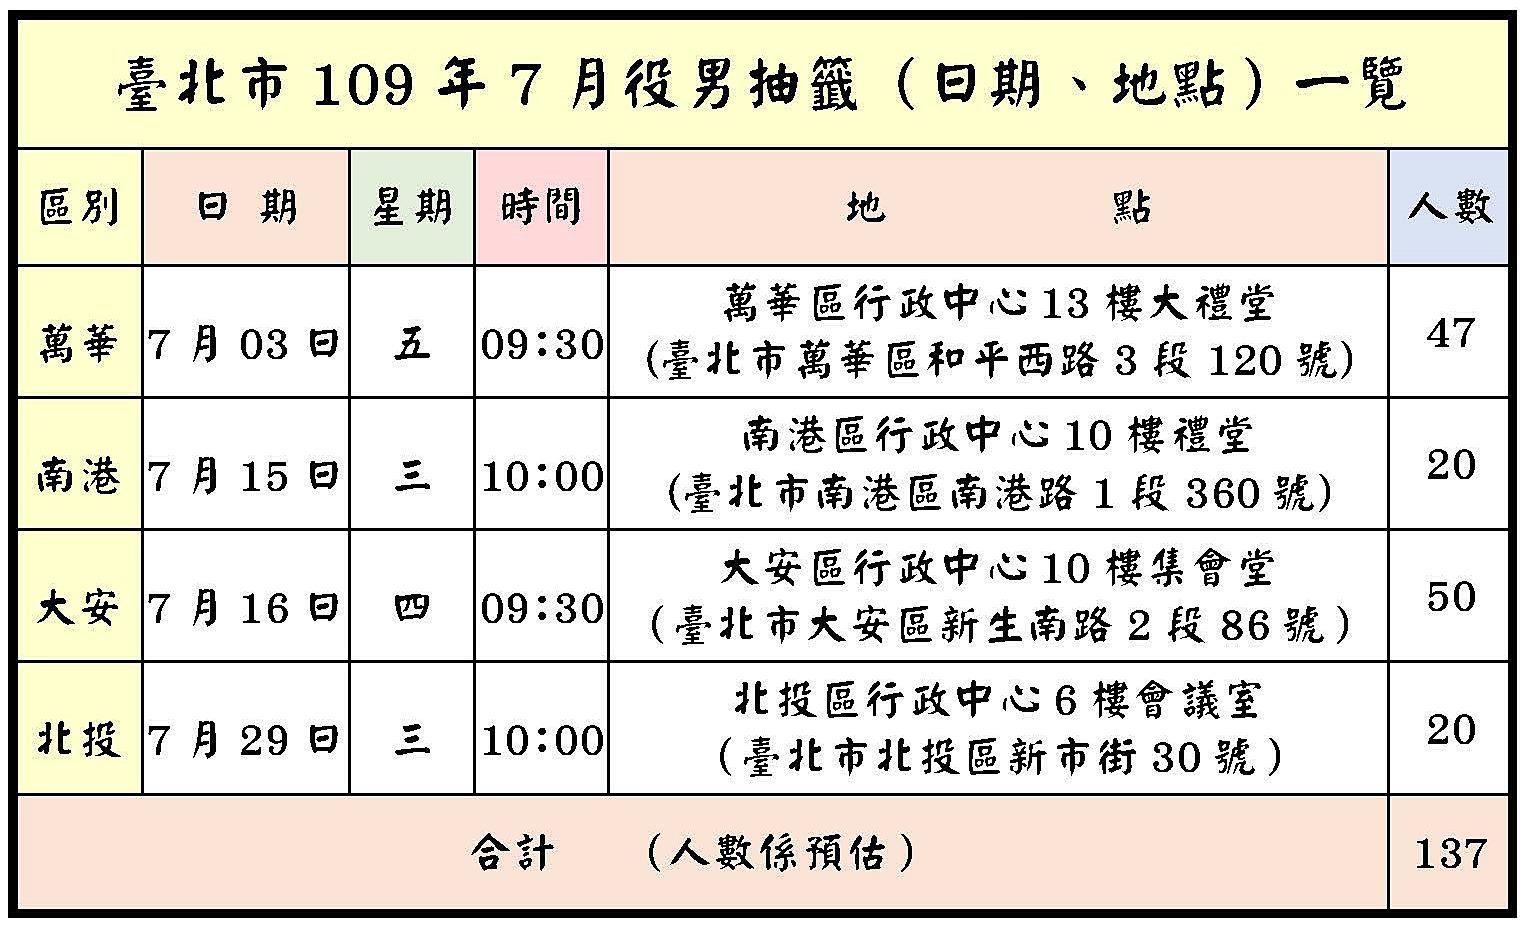 臺北市109年7月役男抽籤(日期、地點)一覽圖